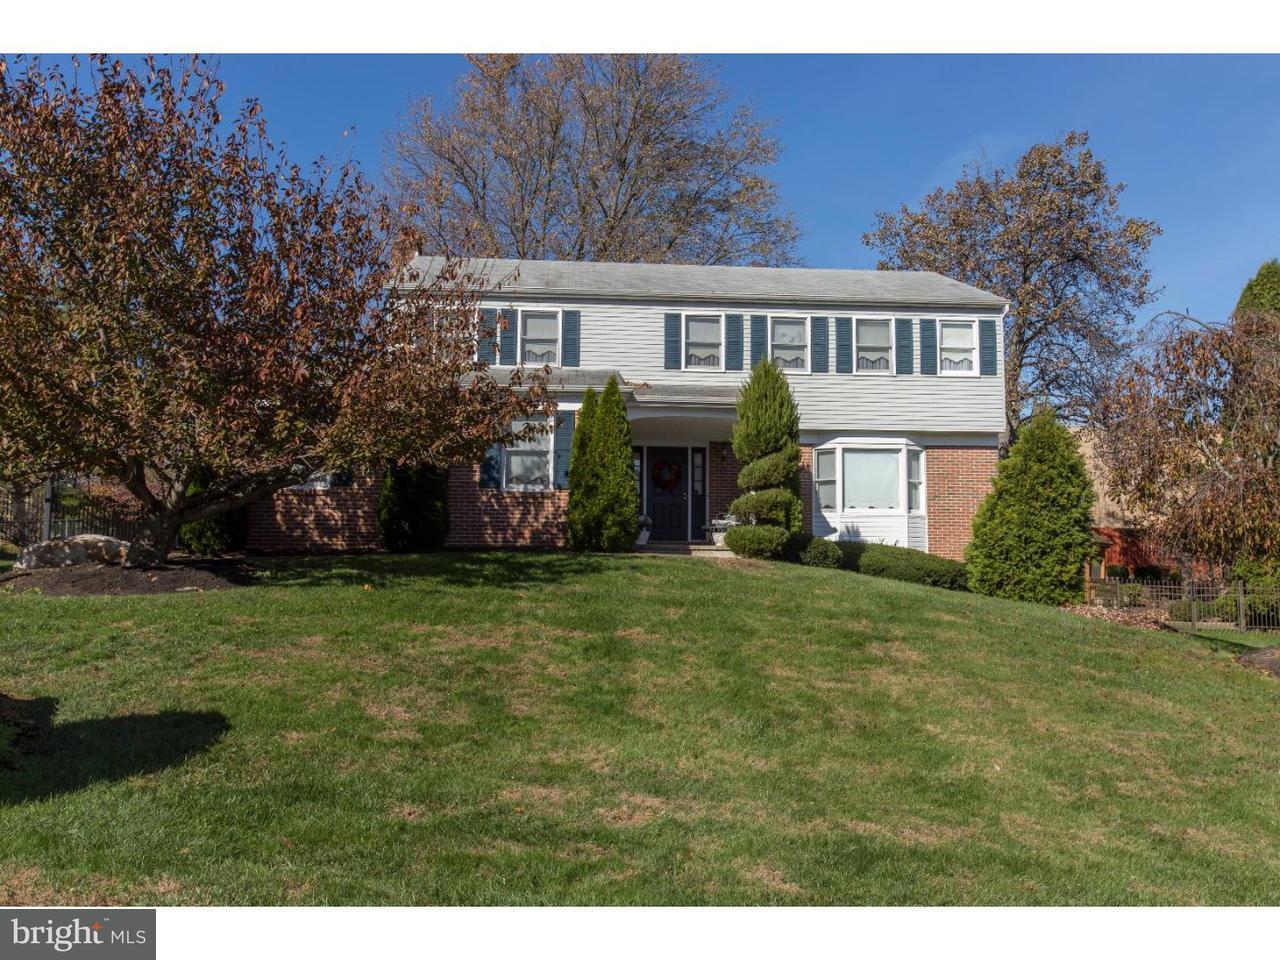 Частный односемейный дом для того Продажа на 100 ACADEMY Lane Broomall, Пенсильвания 19008 Соединенные Штаты